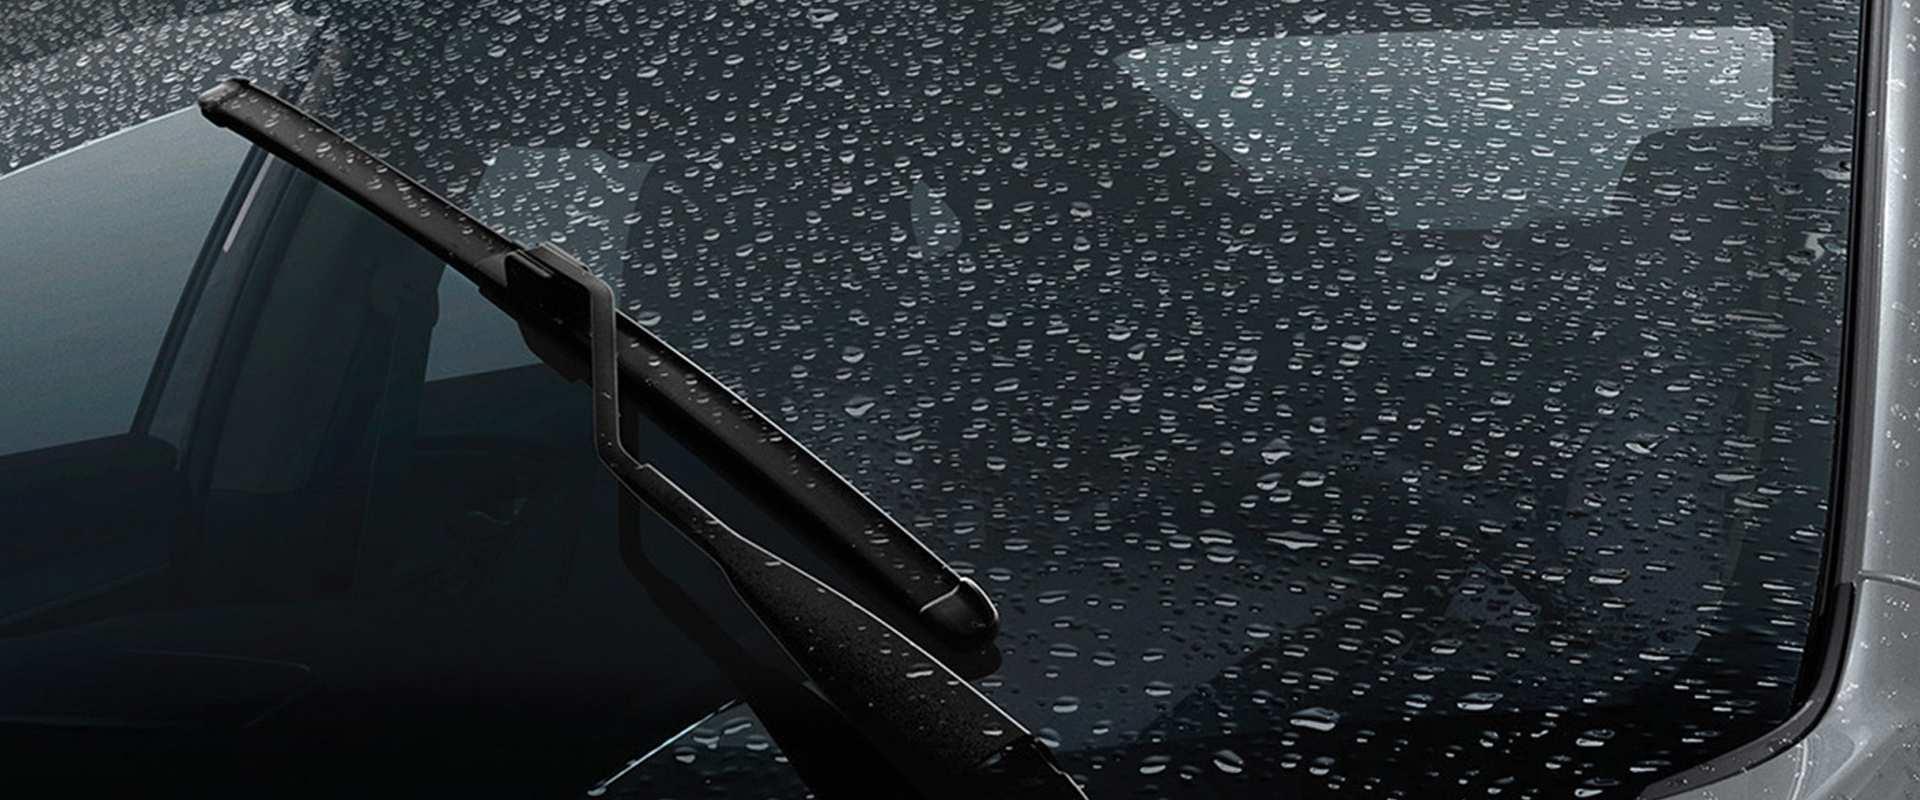 Sensor de chuva - Mais conforto enquanto você dirige: o sensor de chuva aciona automaticamente os limpadores de para-brisa em dias chuvosos.